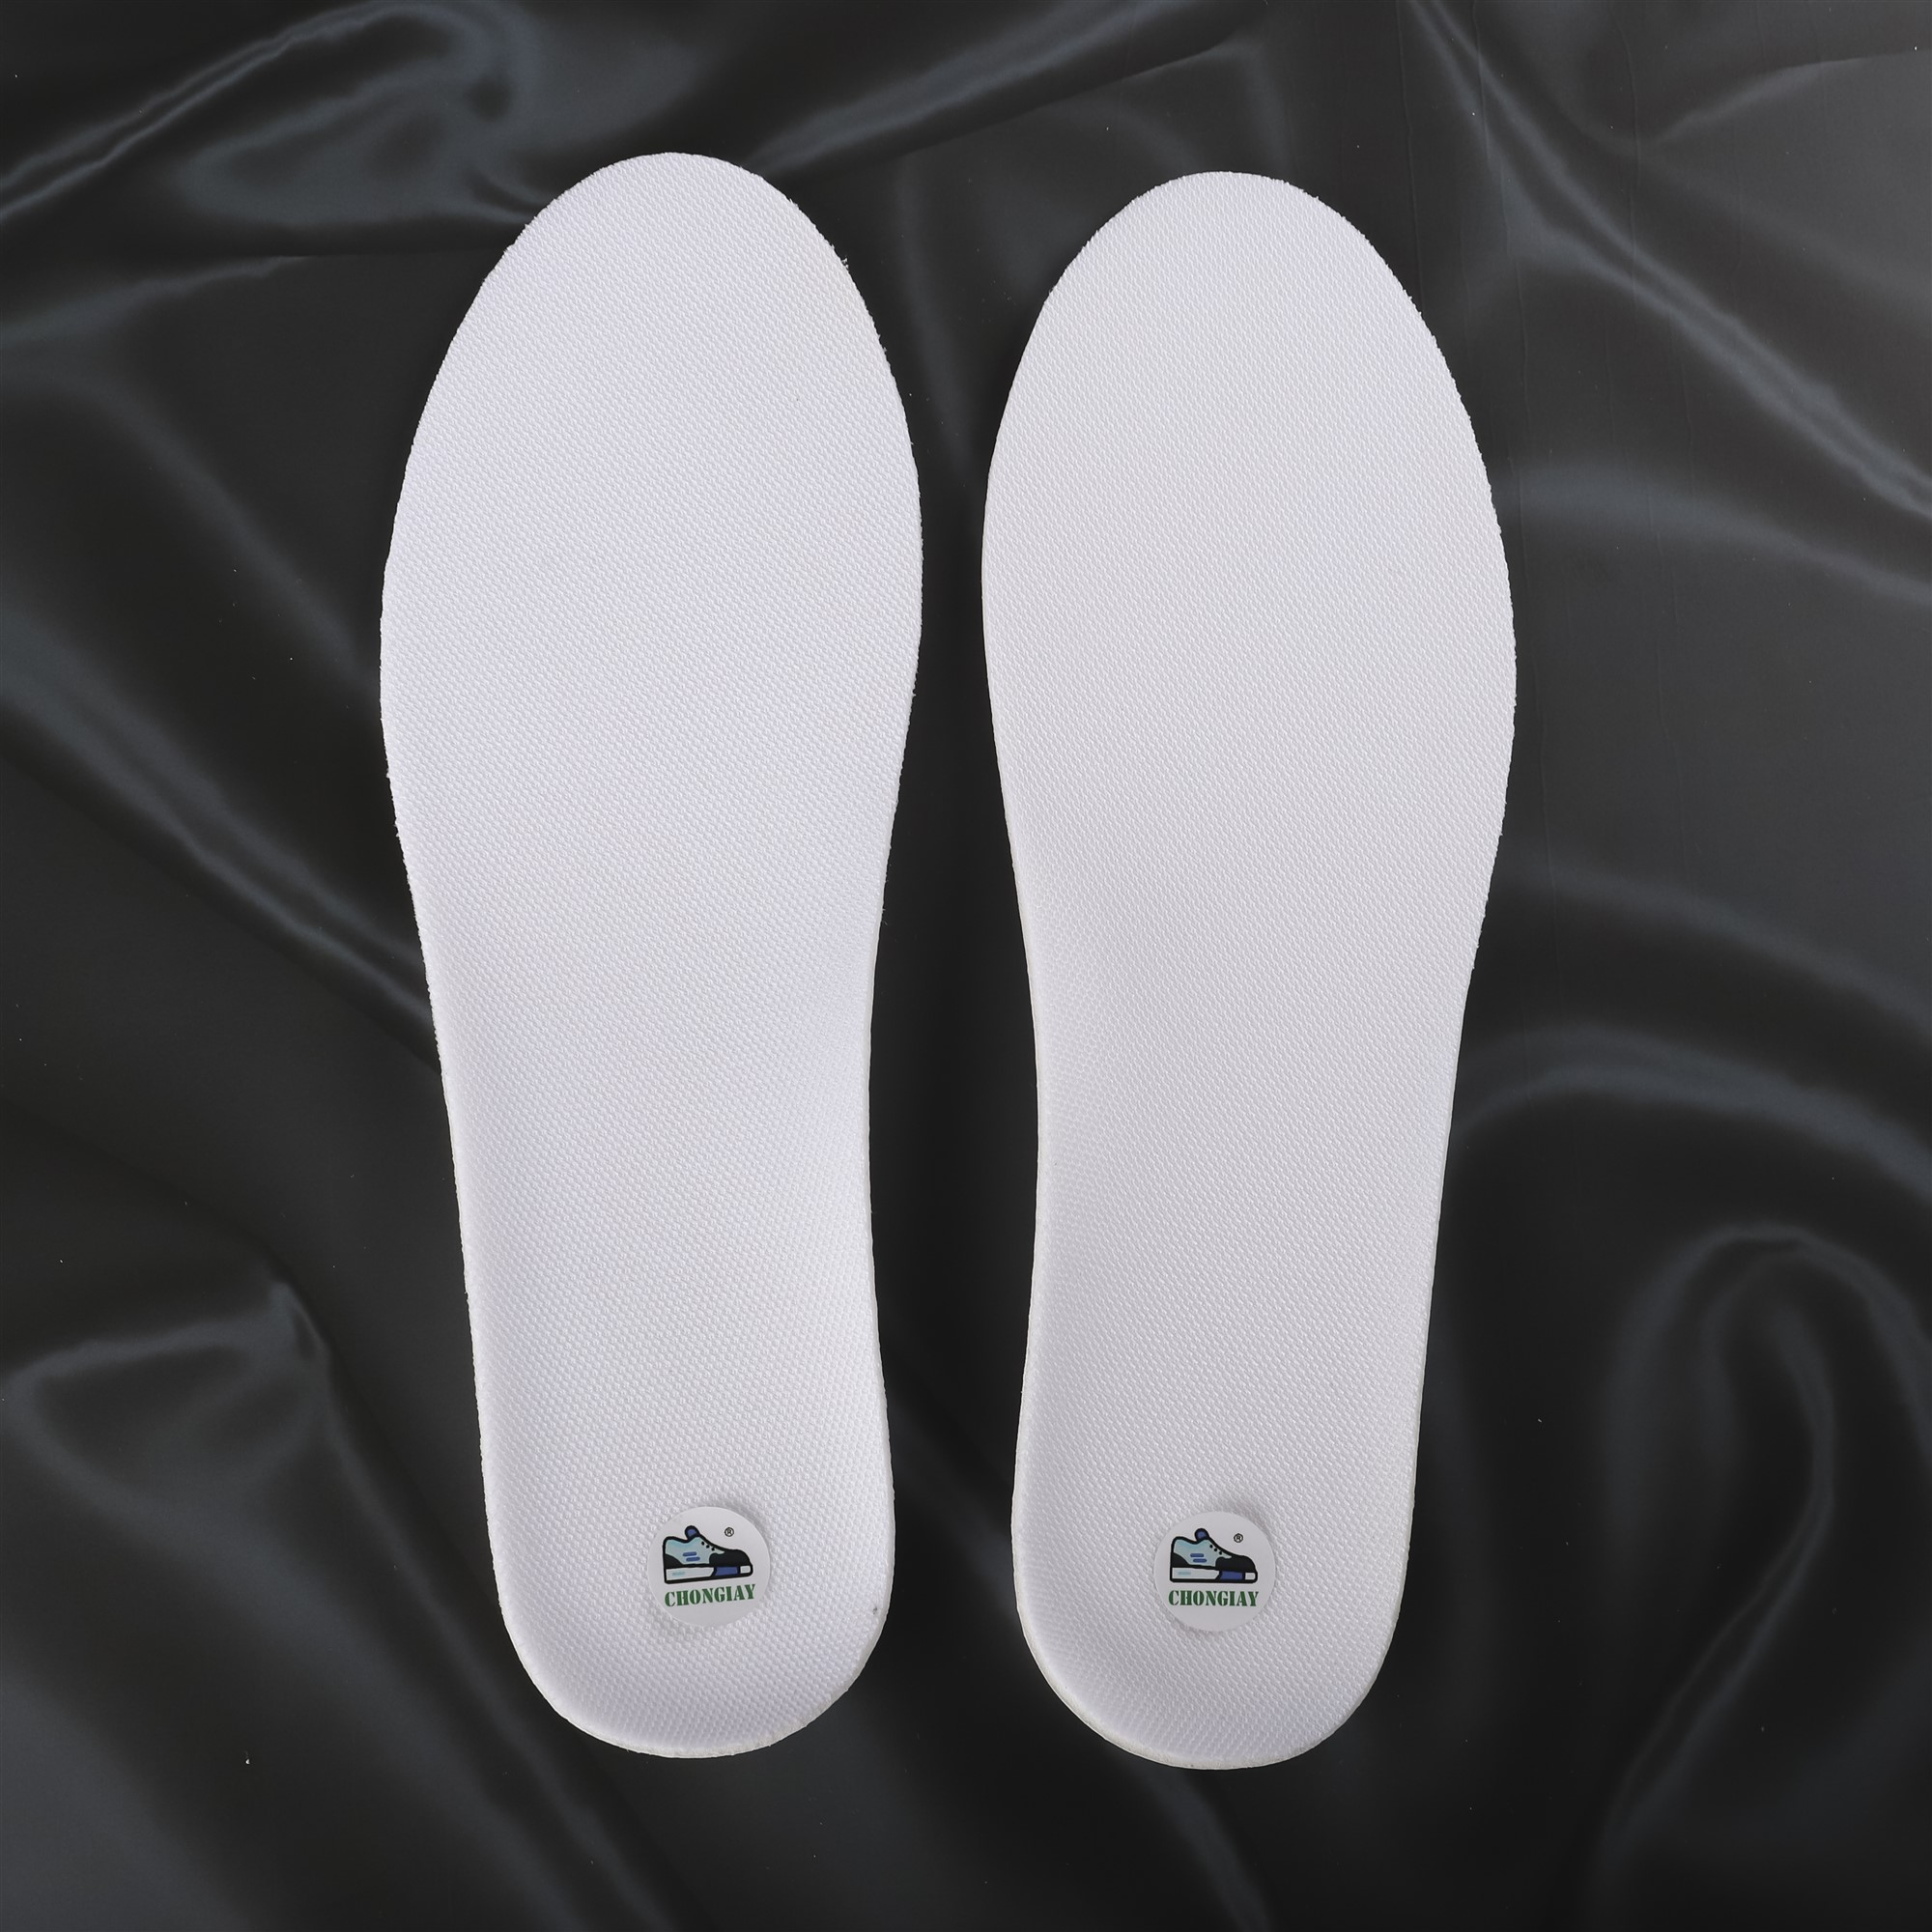 Cặp lót giày đế boost tăng chiều cao LOT5 CHONGIAY êm chân